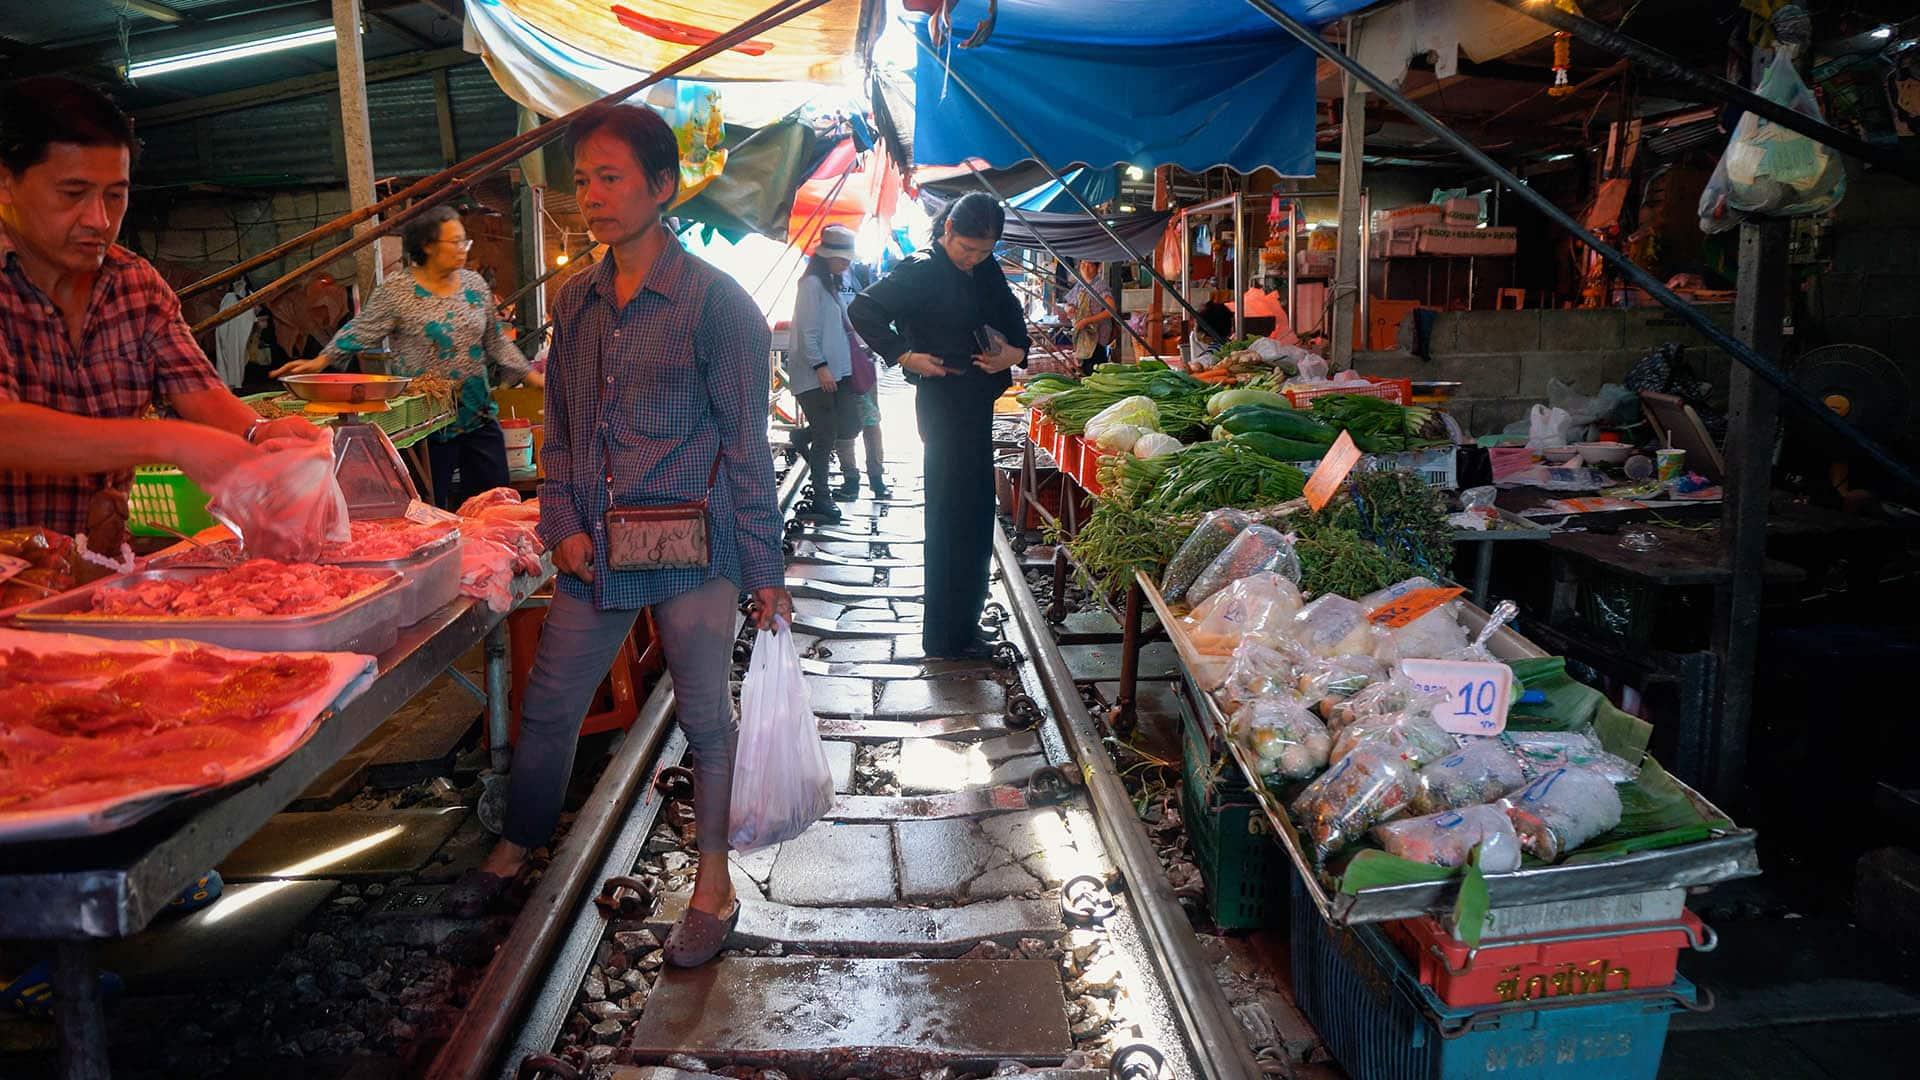 Zug Markt in Thailand